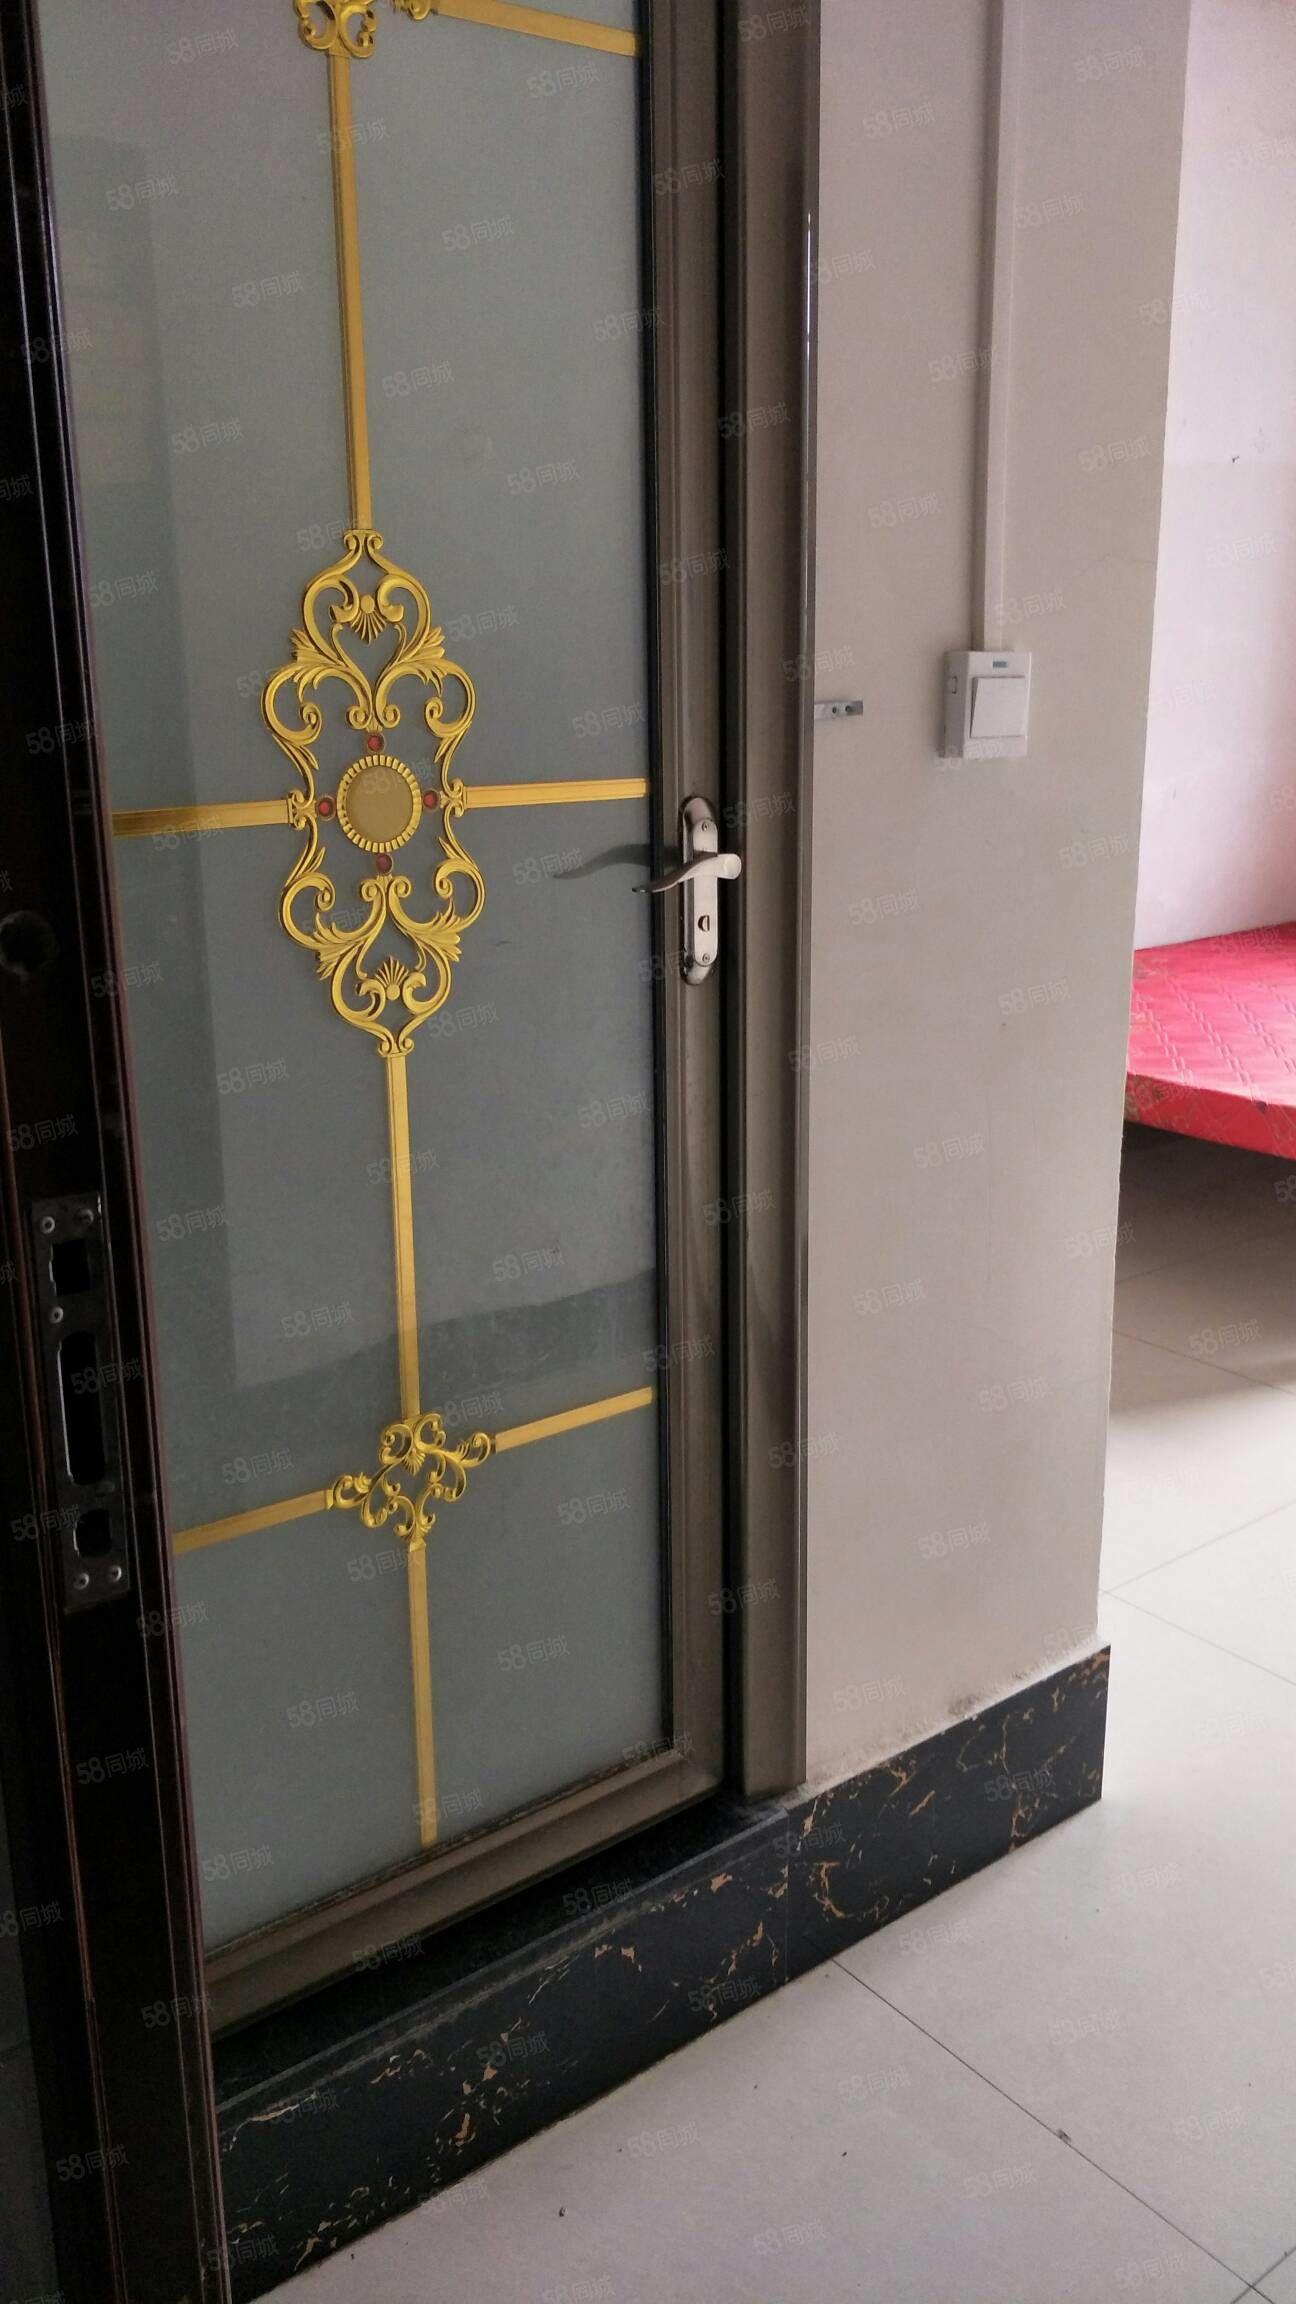 北门广场一室一厨一卫多套欢迎选租,看房放便有钥匙